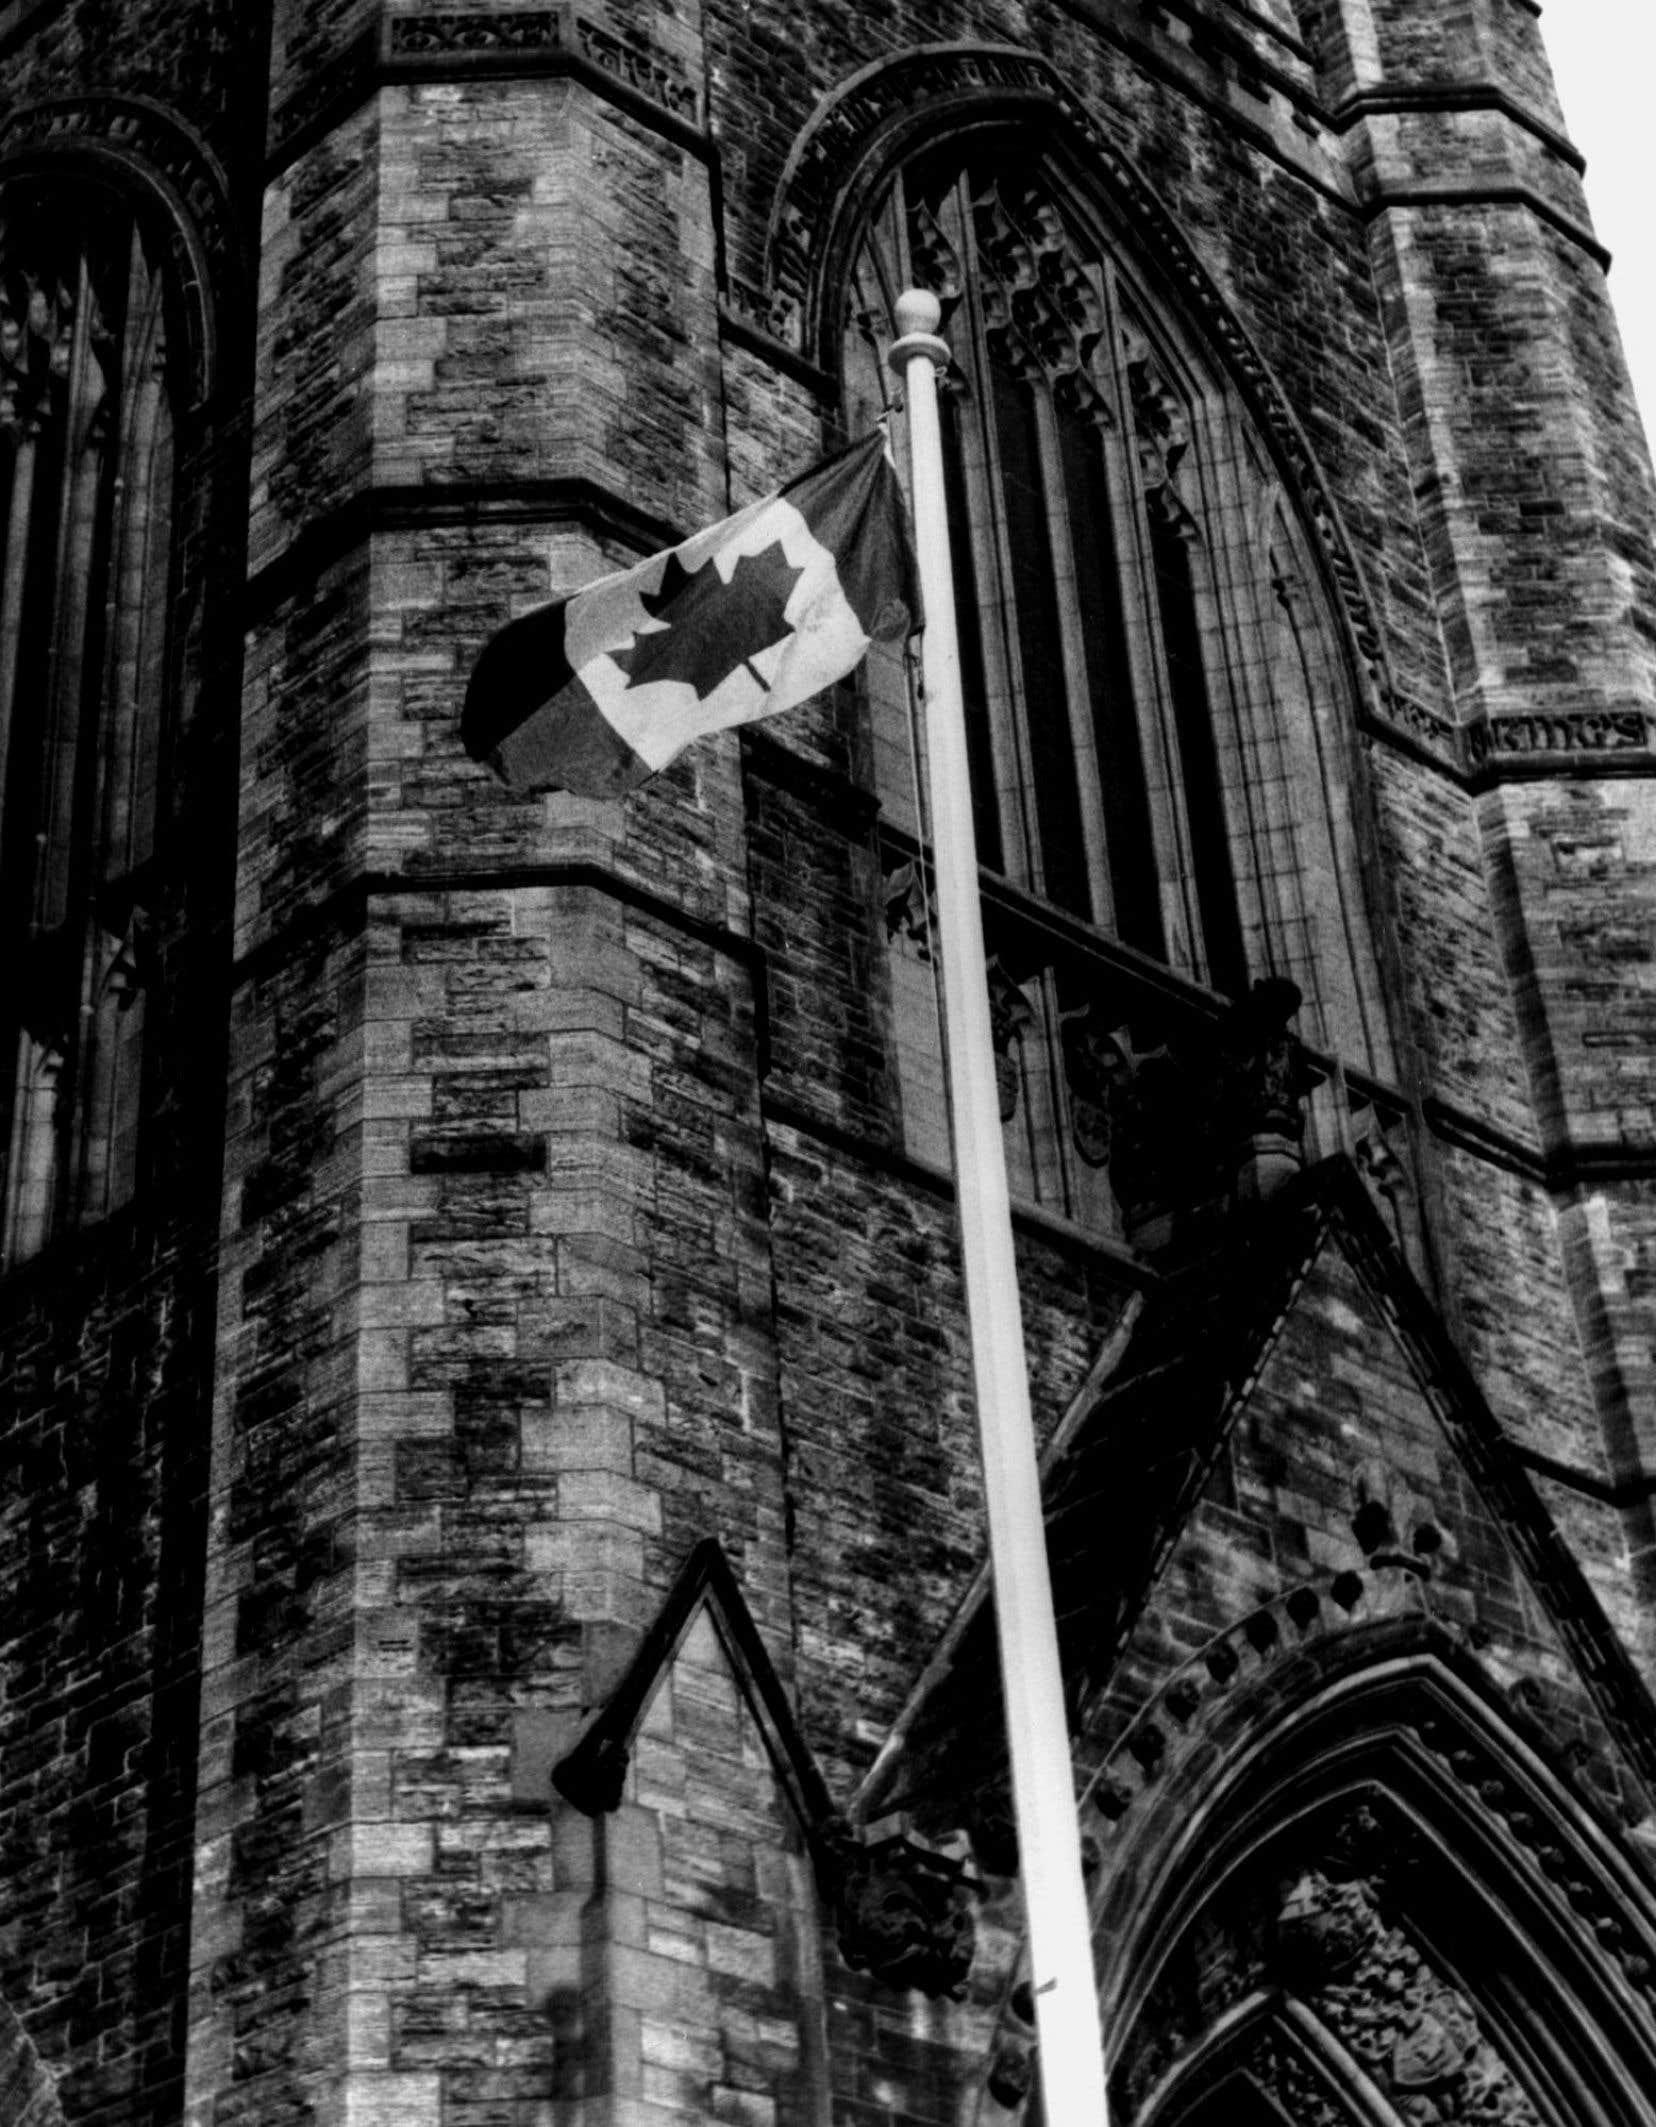 Devenu officiellement le drapeau national du Canada le 15 février 1965, l'unifolié a été déployé pour la première fois sur la colline parlementaire, à Ottawa.